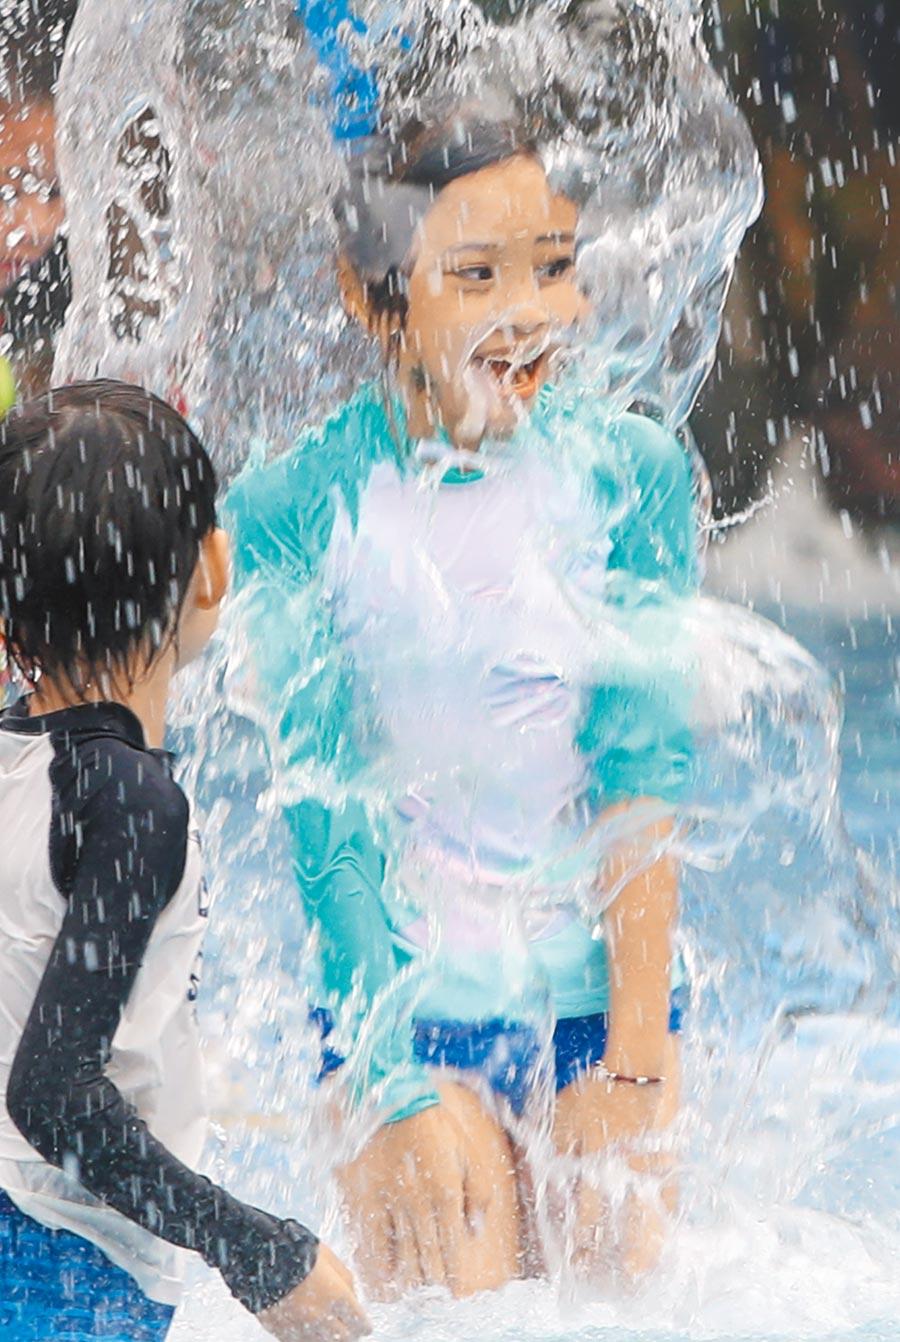 台北市10日氣溫達38.6度,追平7月高溫歷史紀錄,圖為自來水園區小朋友盡情戲水消暑。(鄭任南攝)